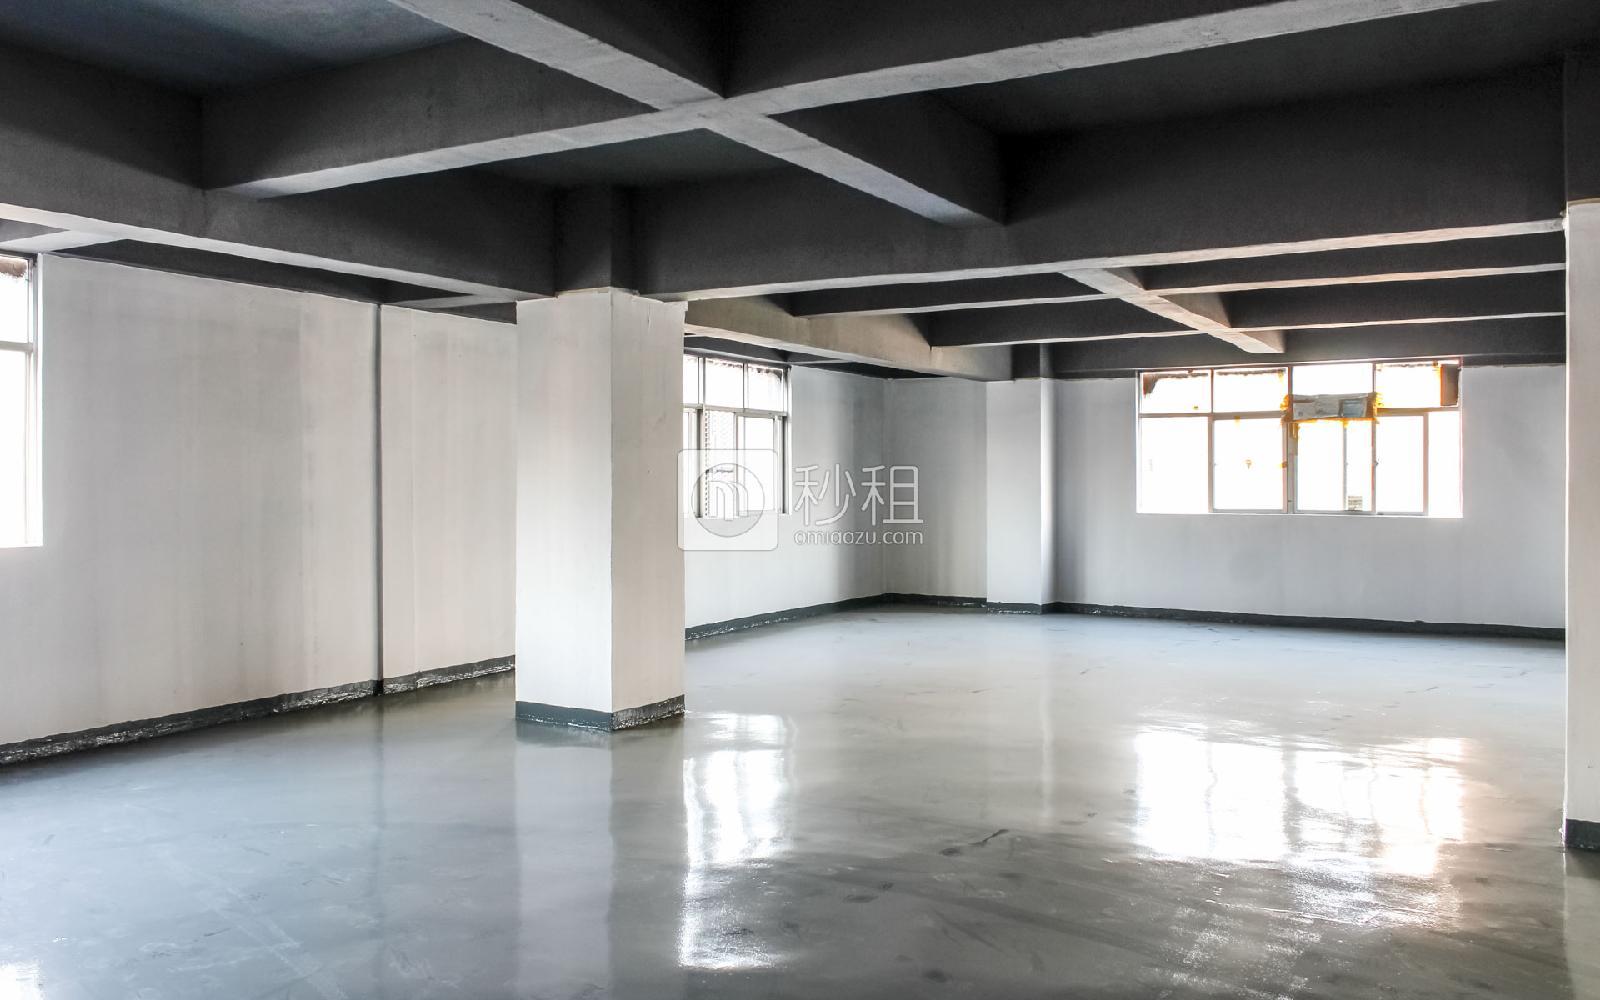 百思富创意空间写字楼出租300平米简装办公室37元/m².月